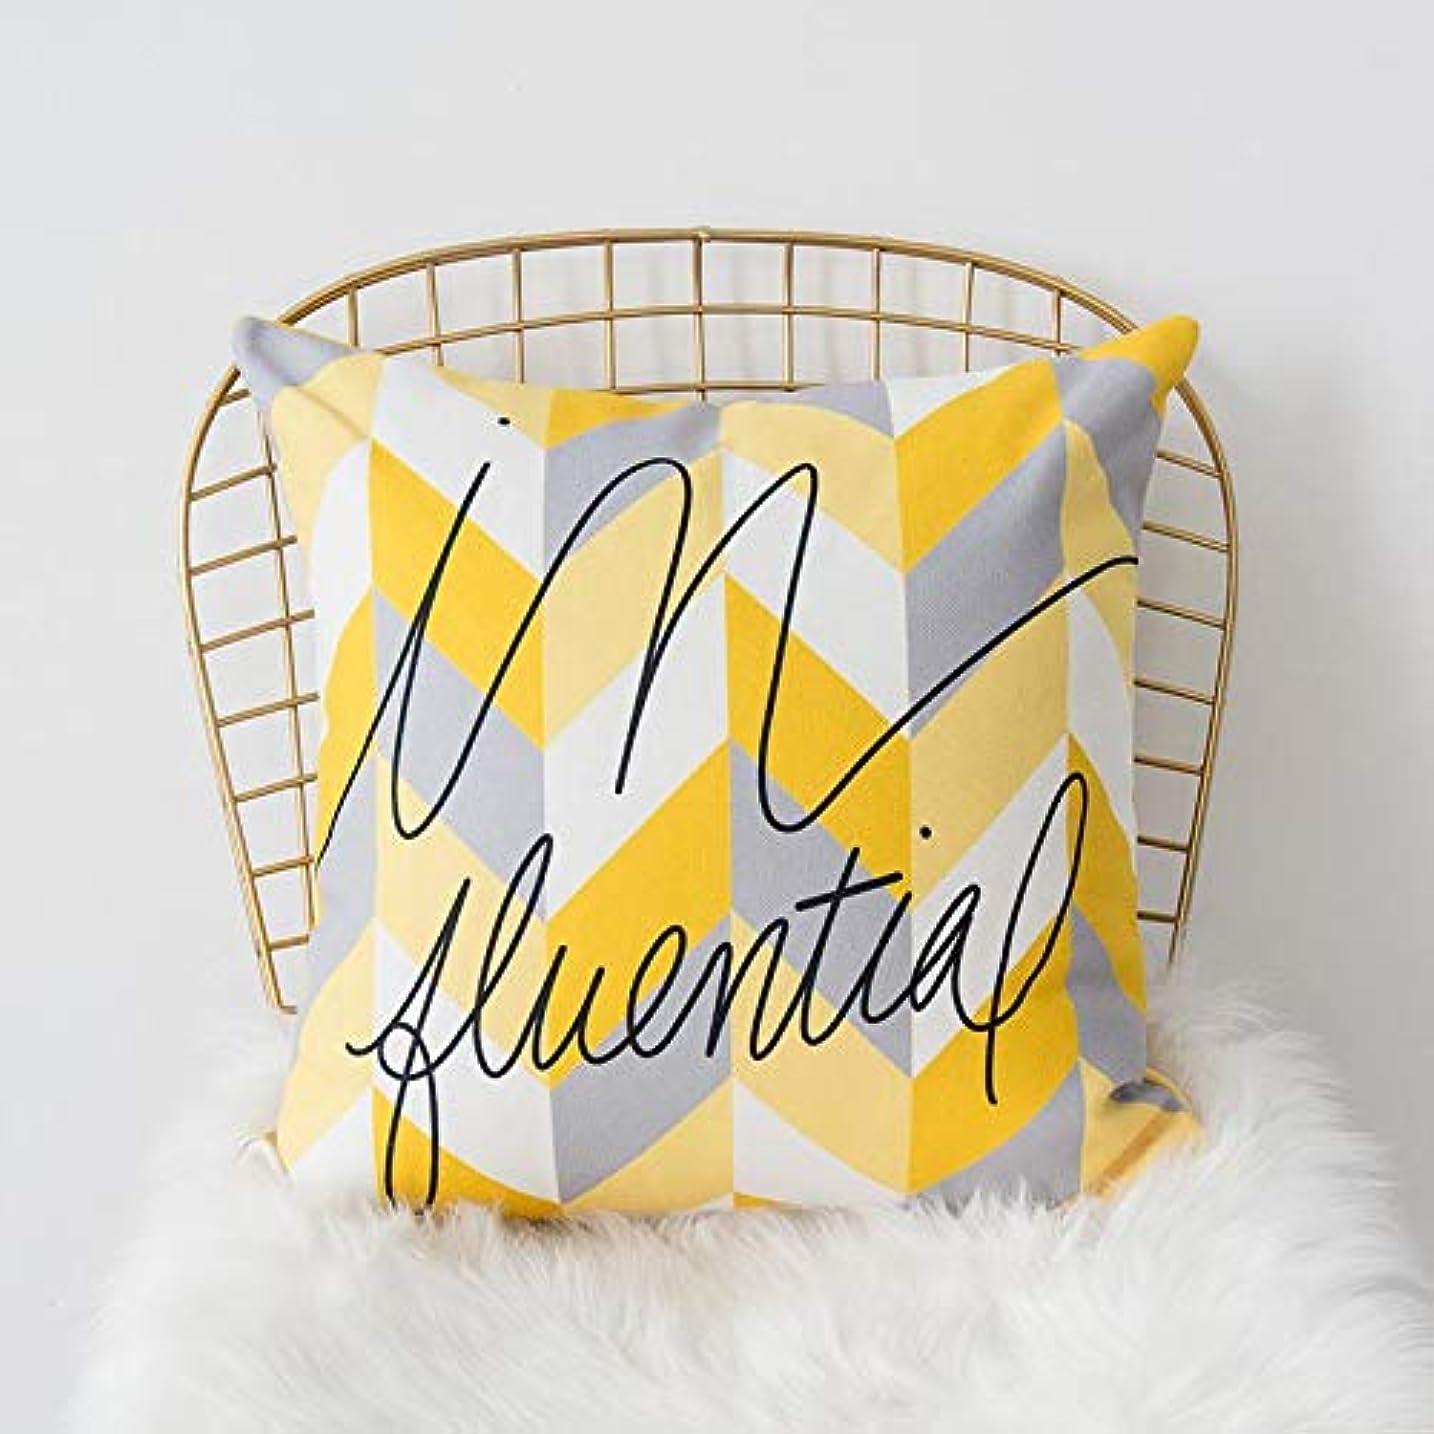 思い出モック虐殺LIFE 黄色グレー枕北欧スタイル黄色ヘラジカ幾何枕リビングルームのインテリアソファクッション Cojines 装飾良質 クッション 椅子